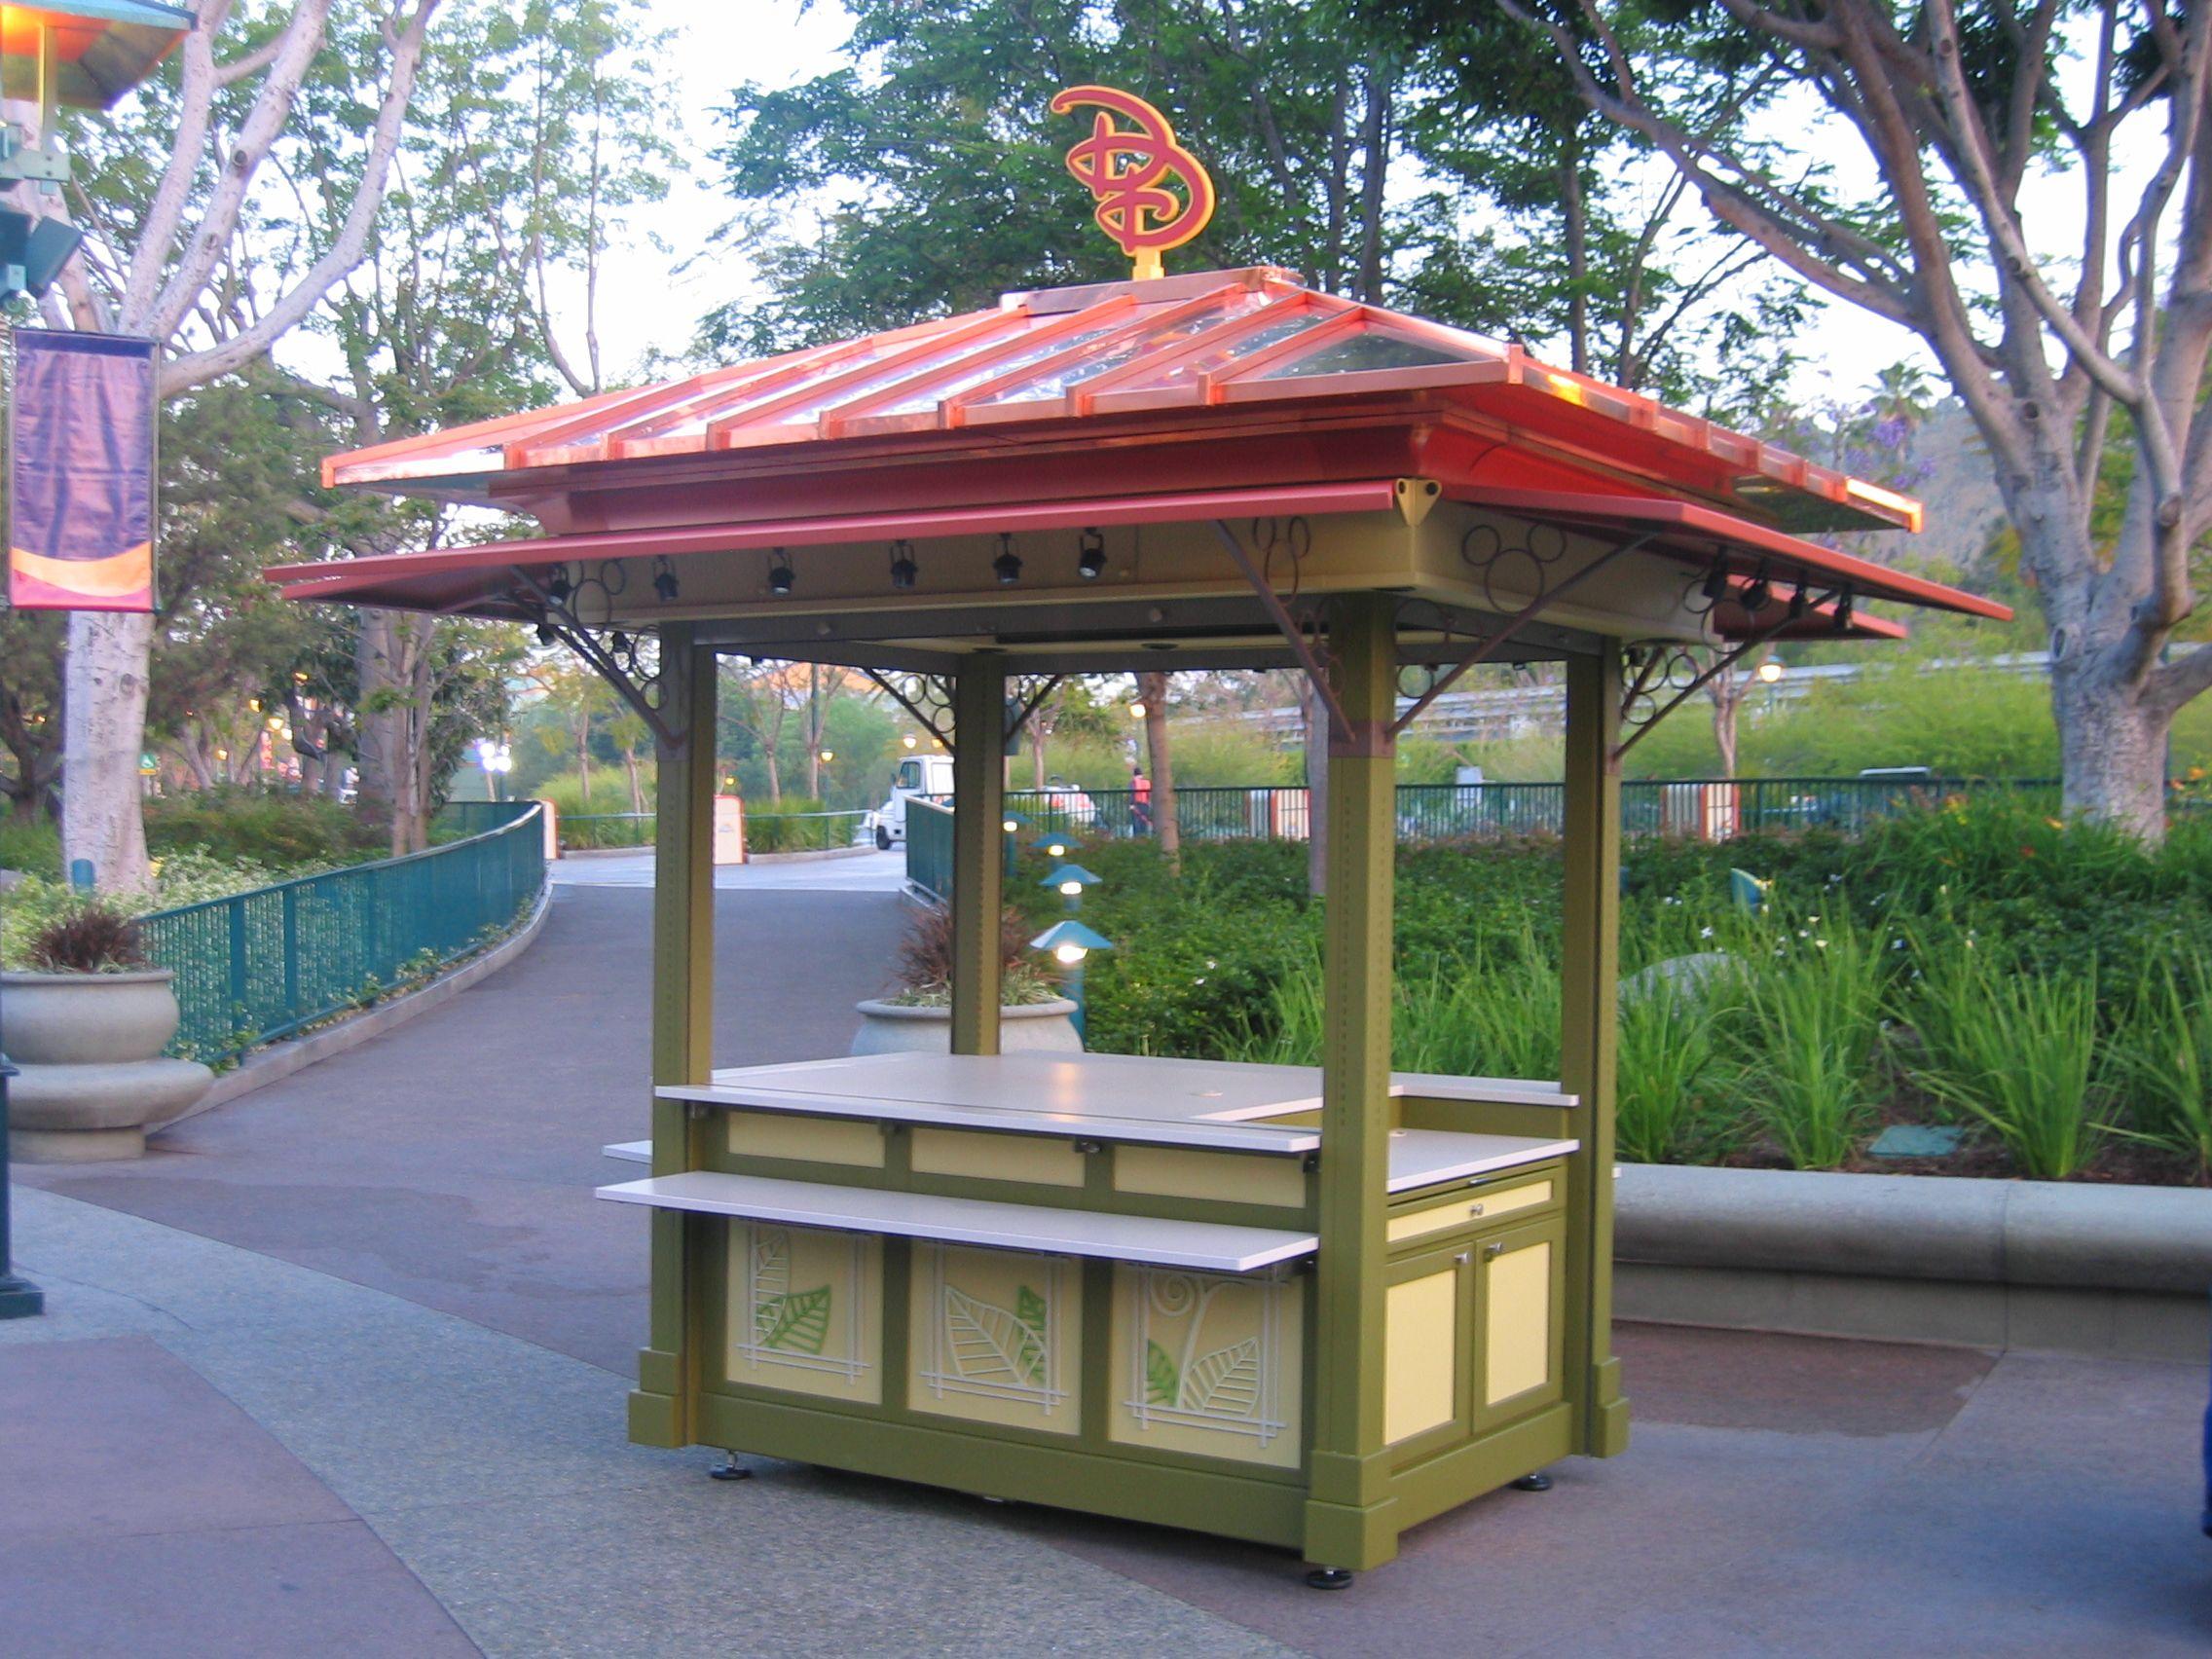 Outdoor kiosk downtown disney kiosk style pinterest for Garden kiosk designs